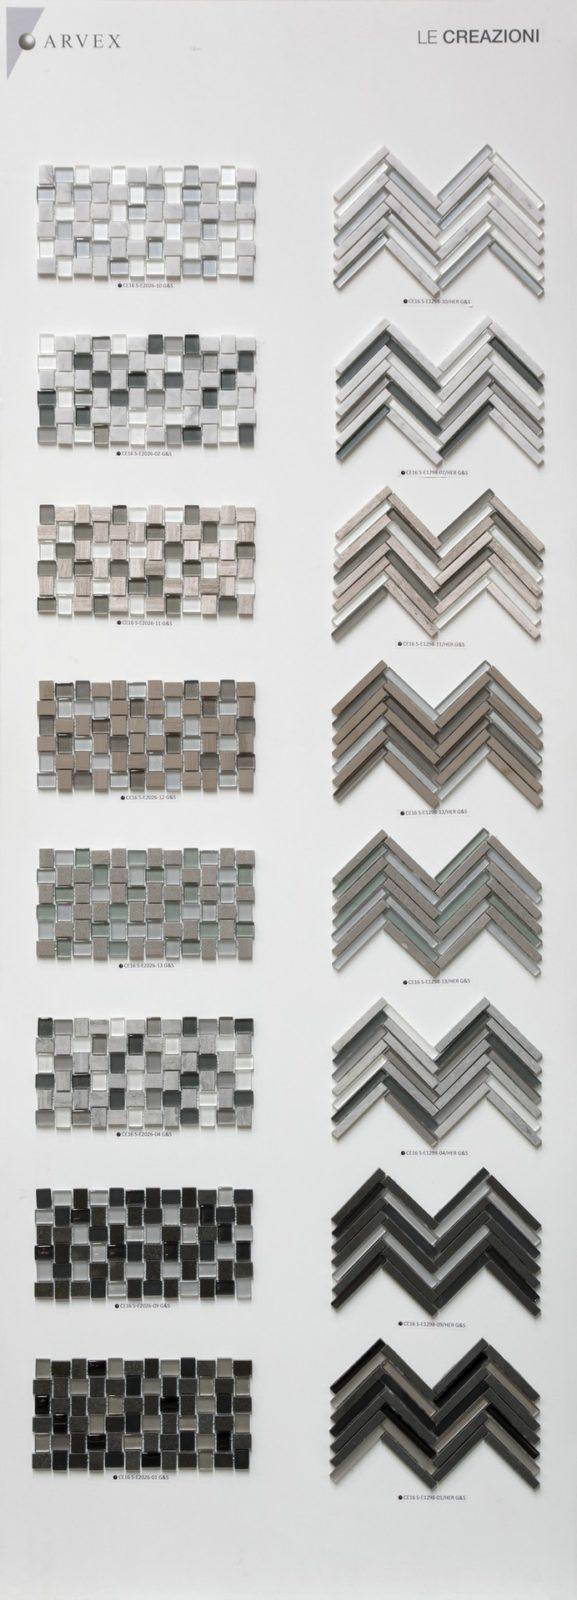 Mosaico - Le Creazioni 03